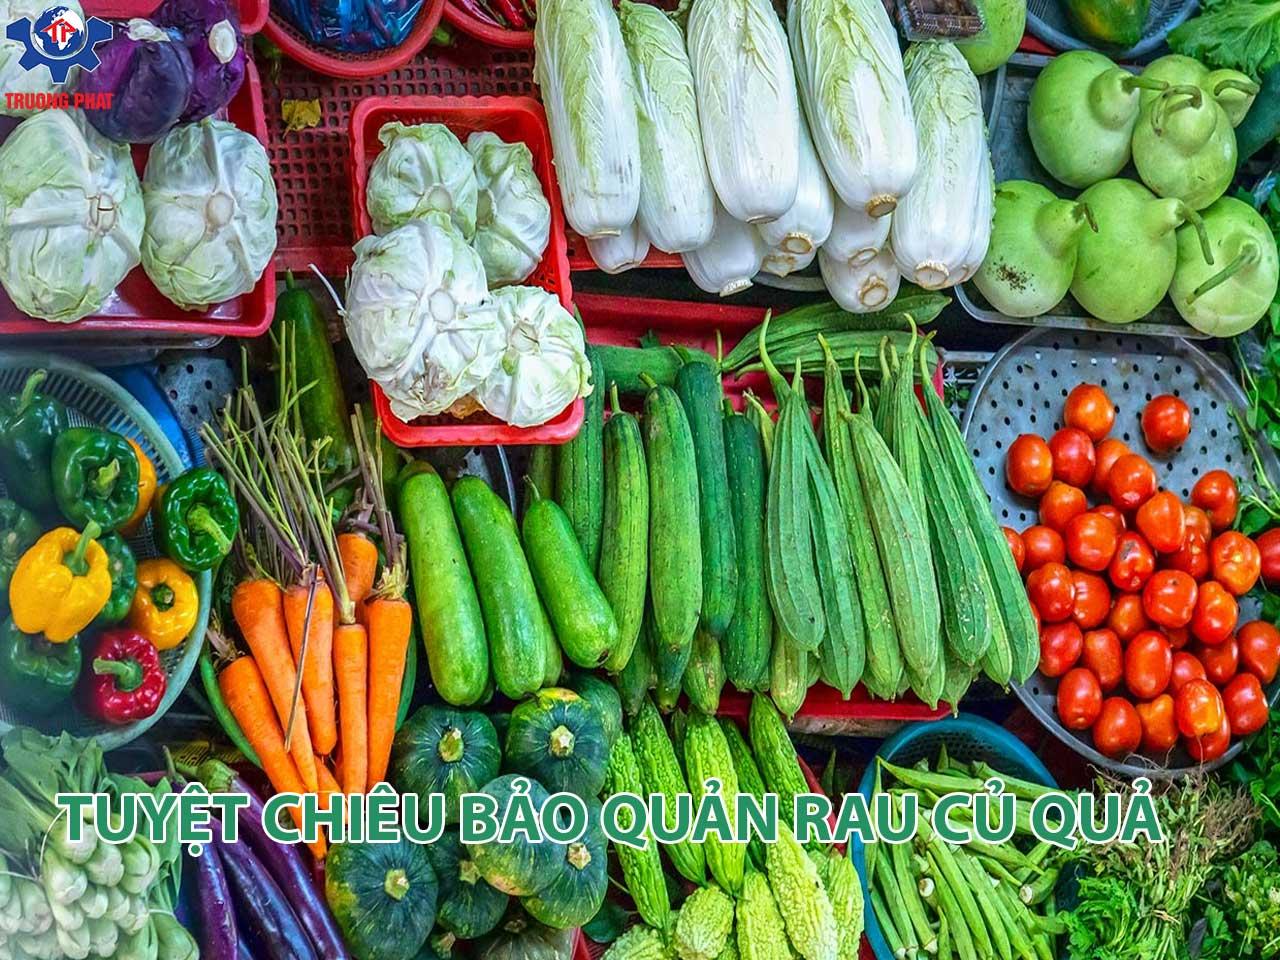 Tuyệt chiêu bảo quản rau củ quả tươi ngon nhất không phải ai cũng biết